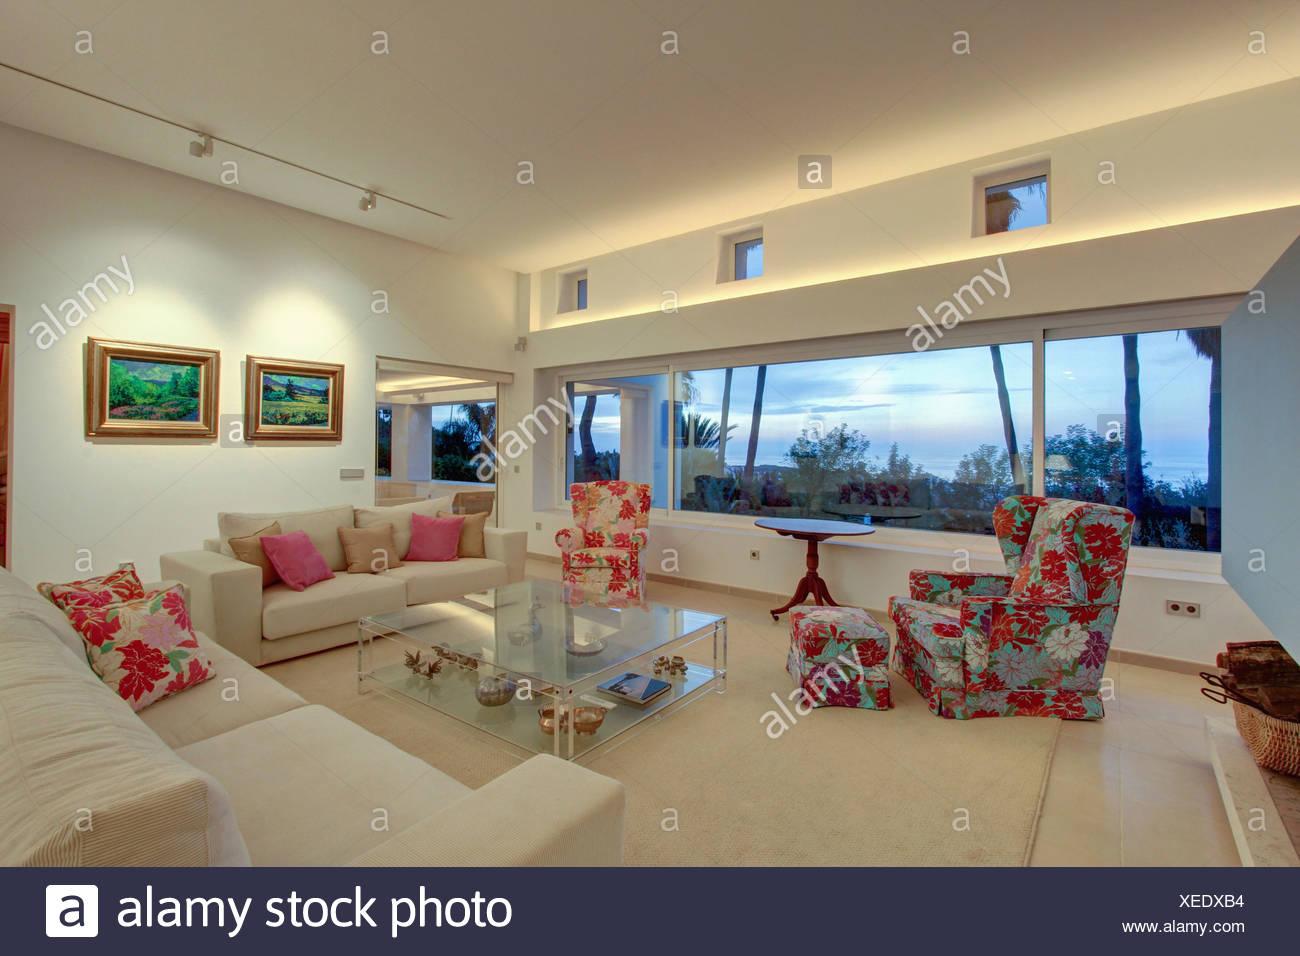 Poltrona con motivi floreali e cuscini in grandi spagnolo moderno salotto con divani bianchi e - Camera da letto in spagnolo ...